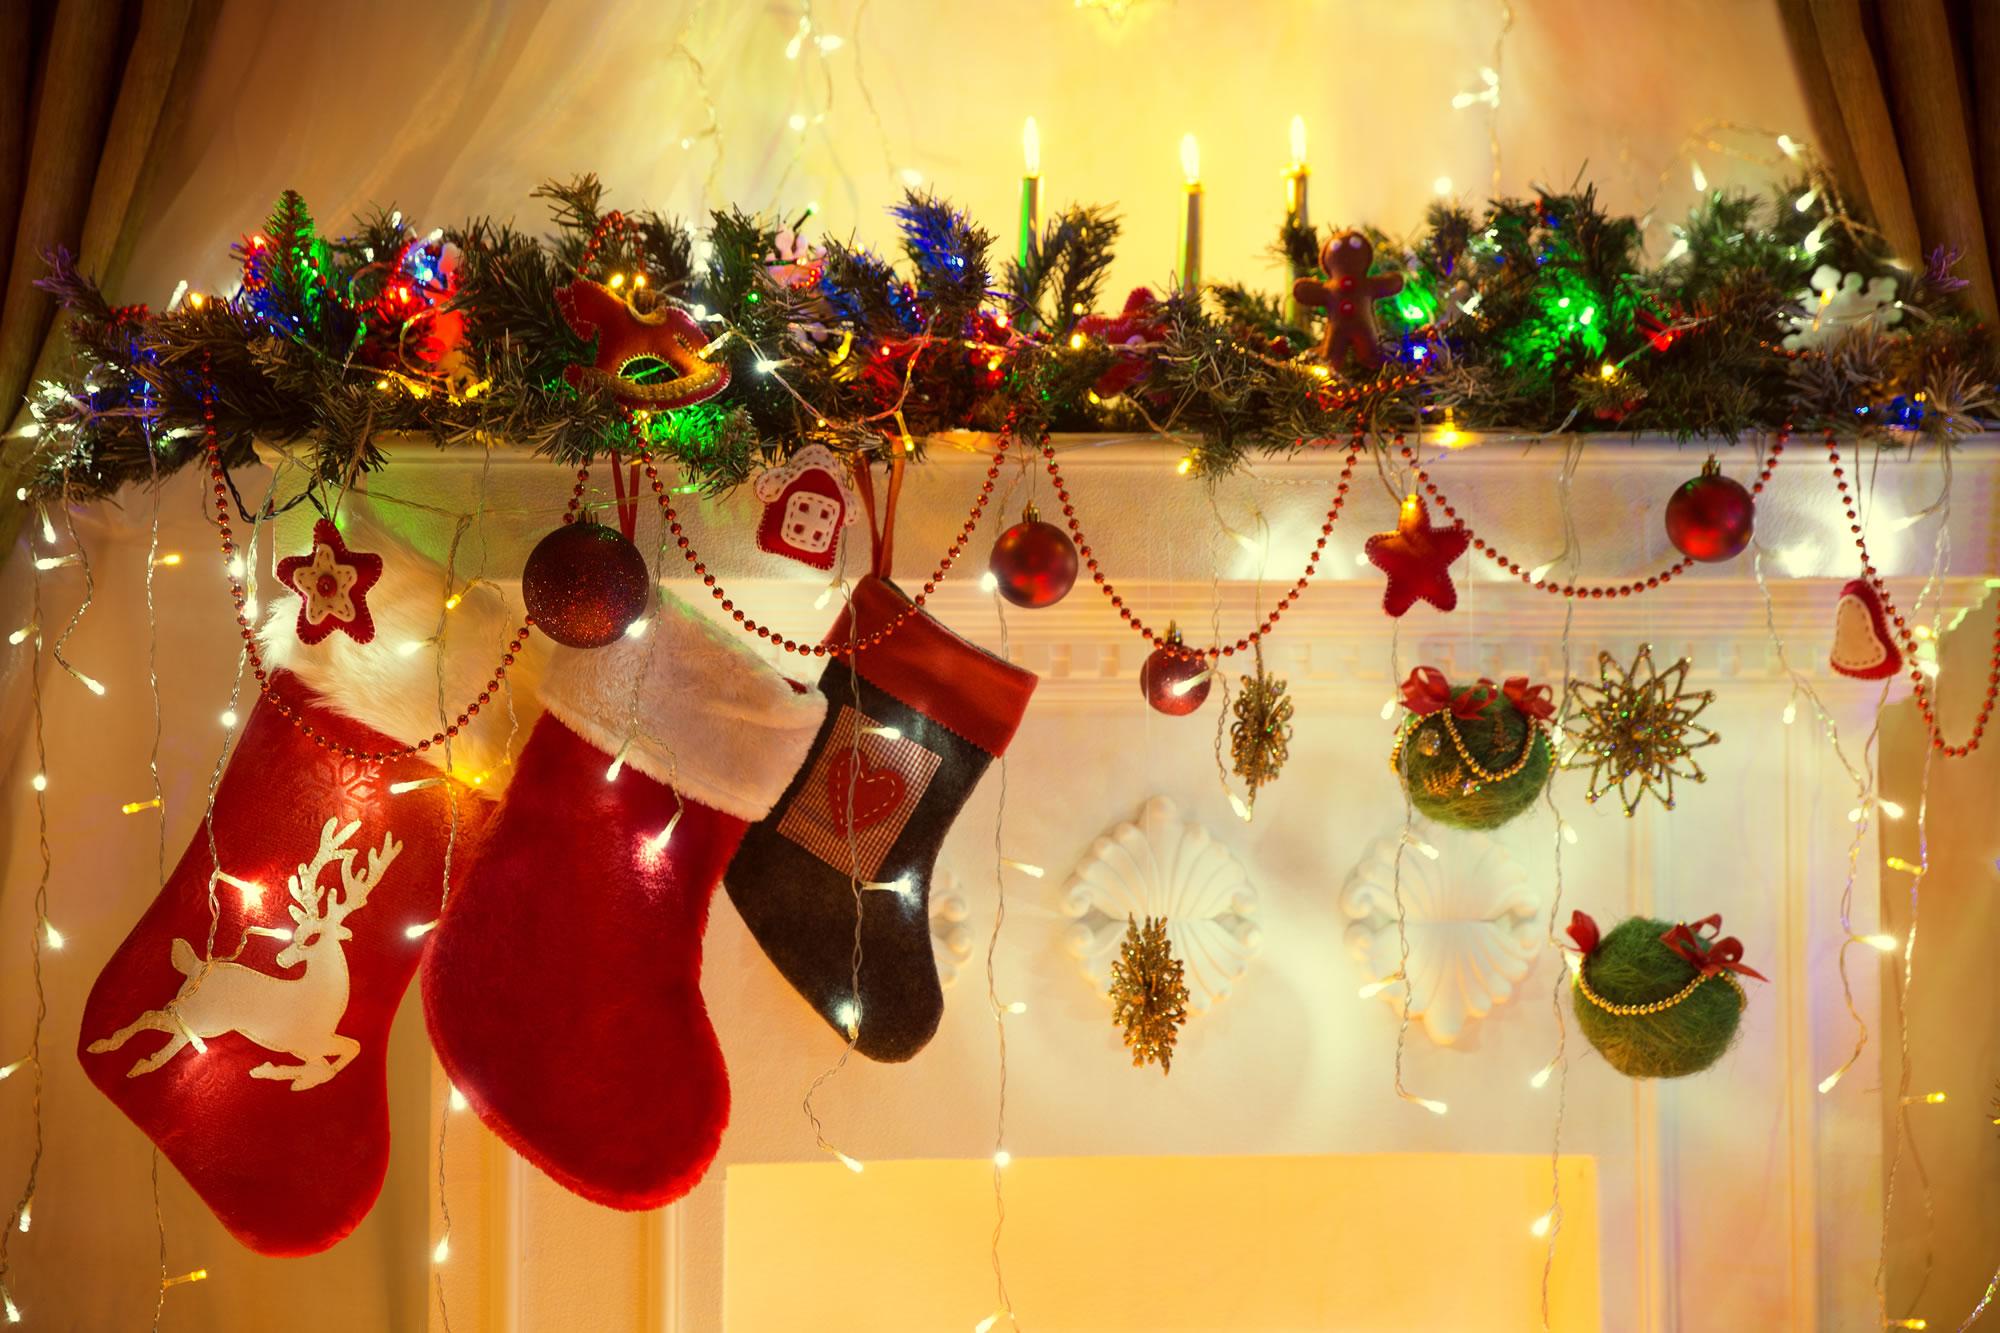 stocking stock image